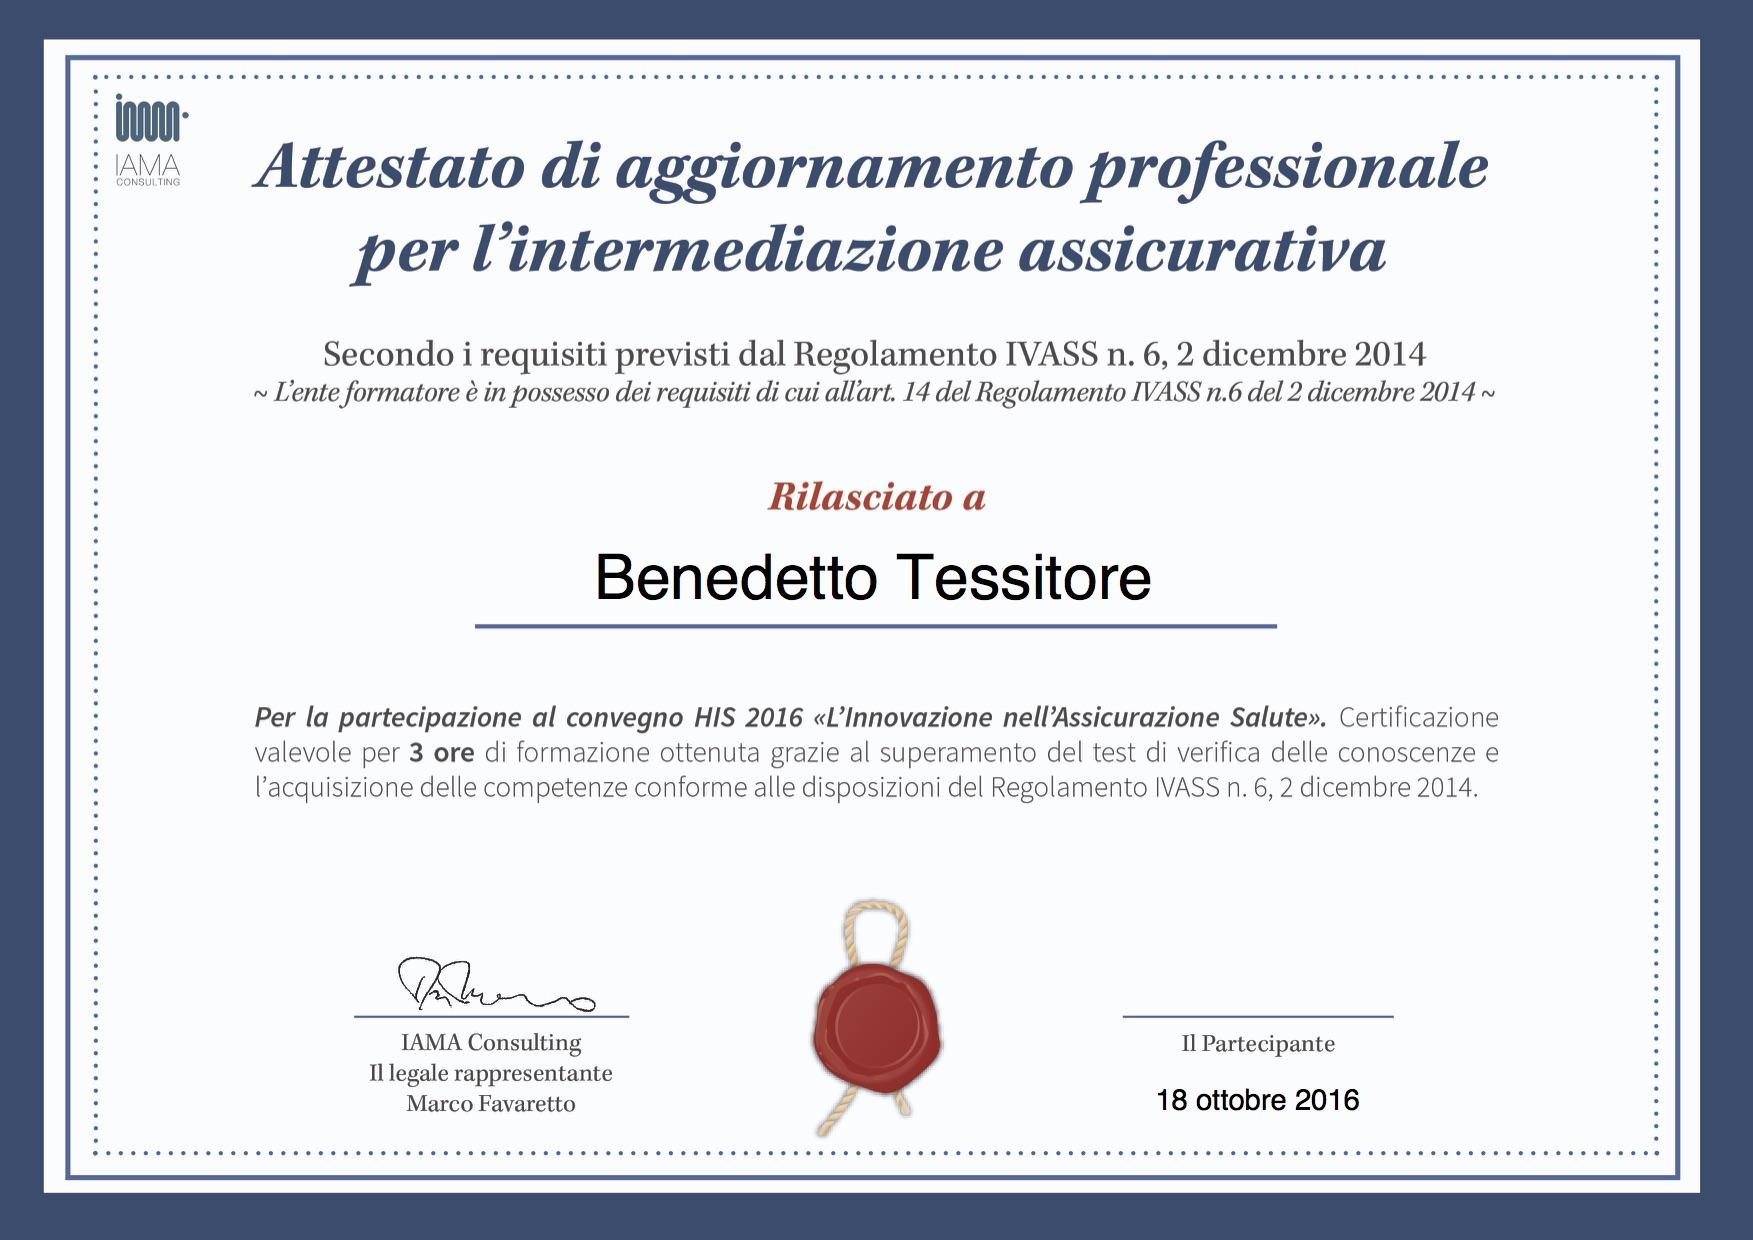 RBM_HIS2016_HIS 2016 Rilascio Attestato